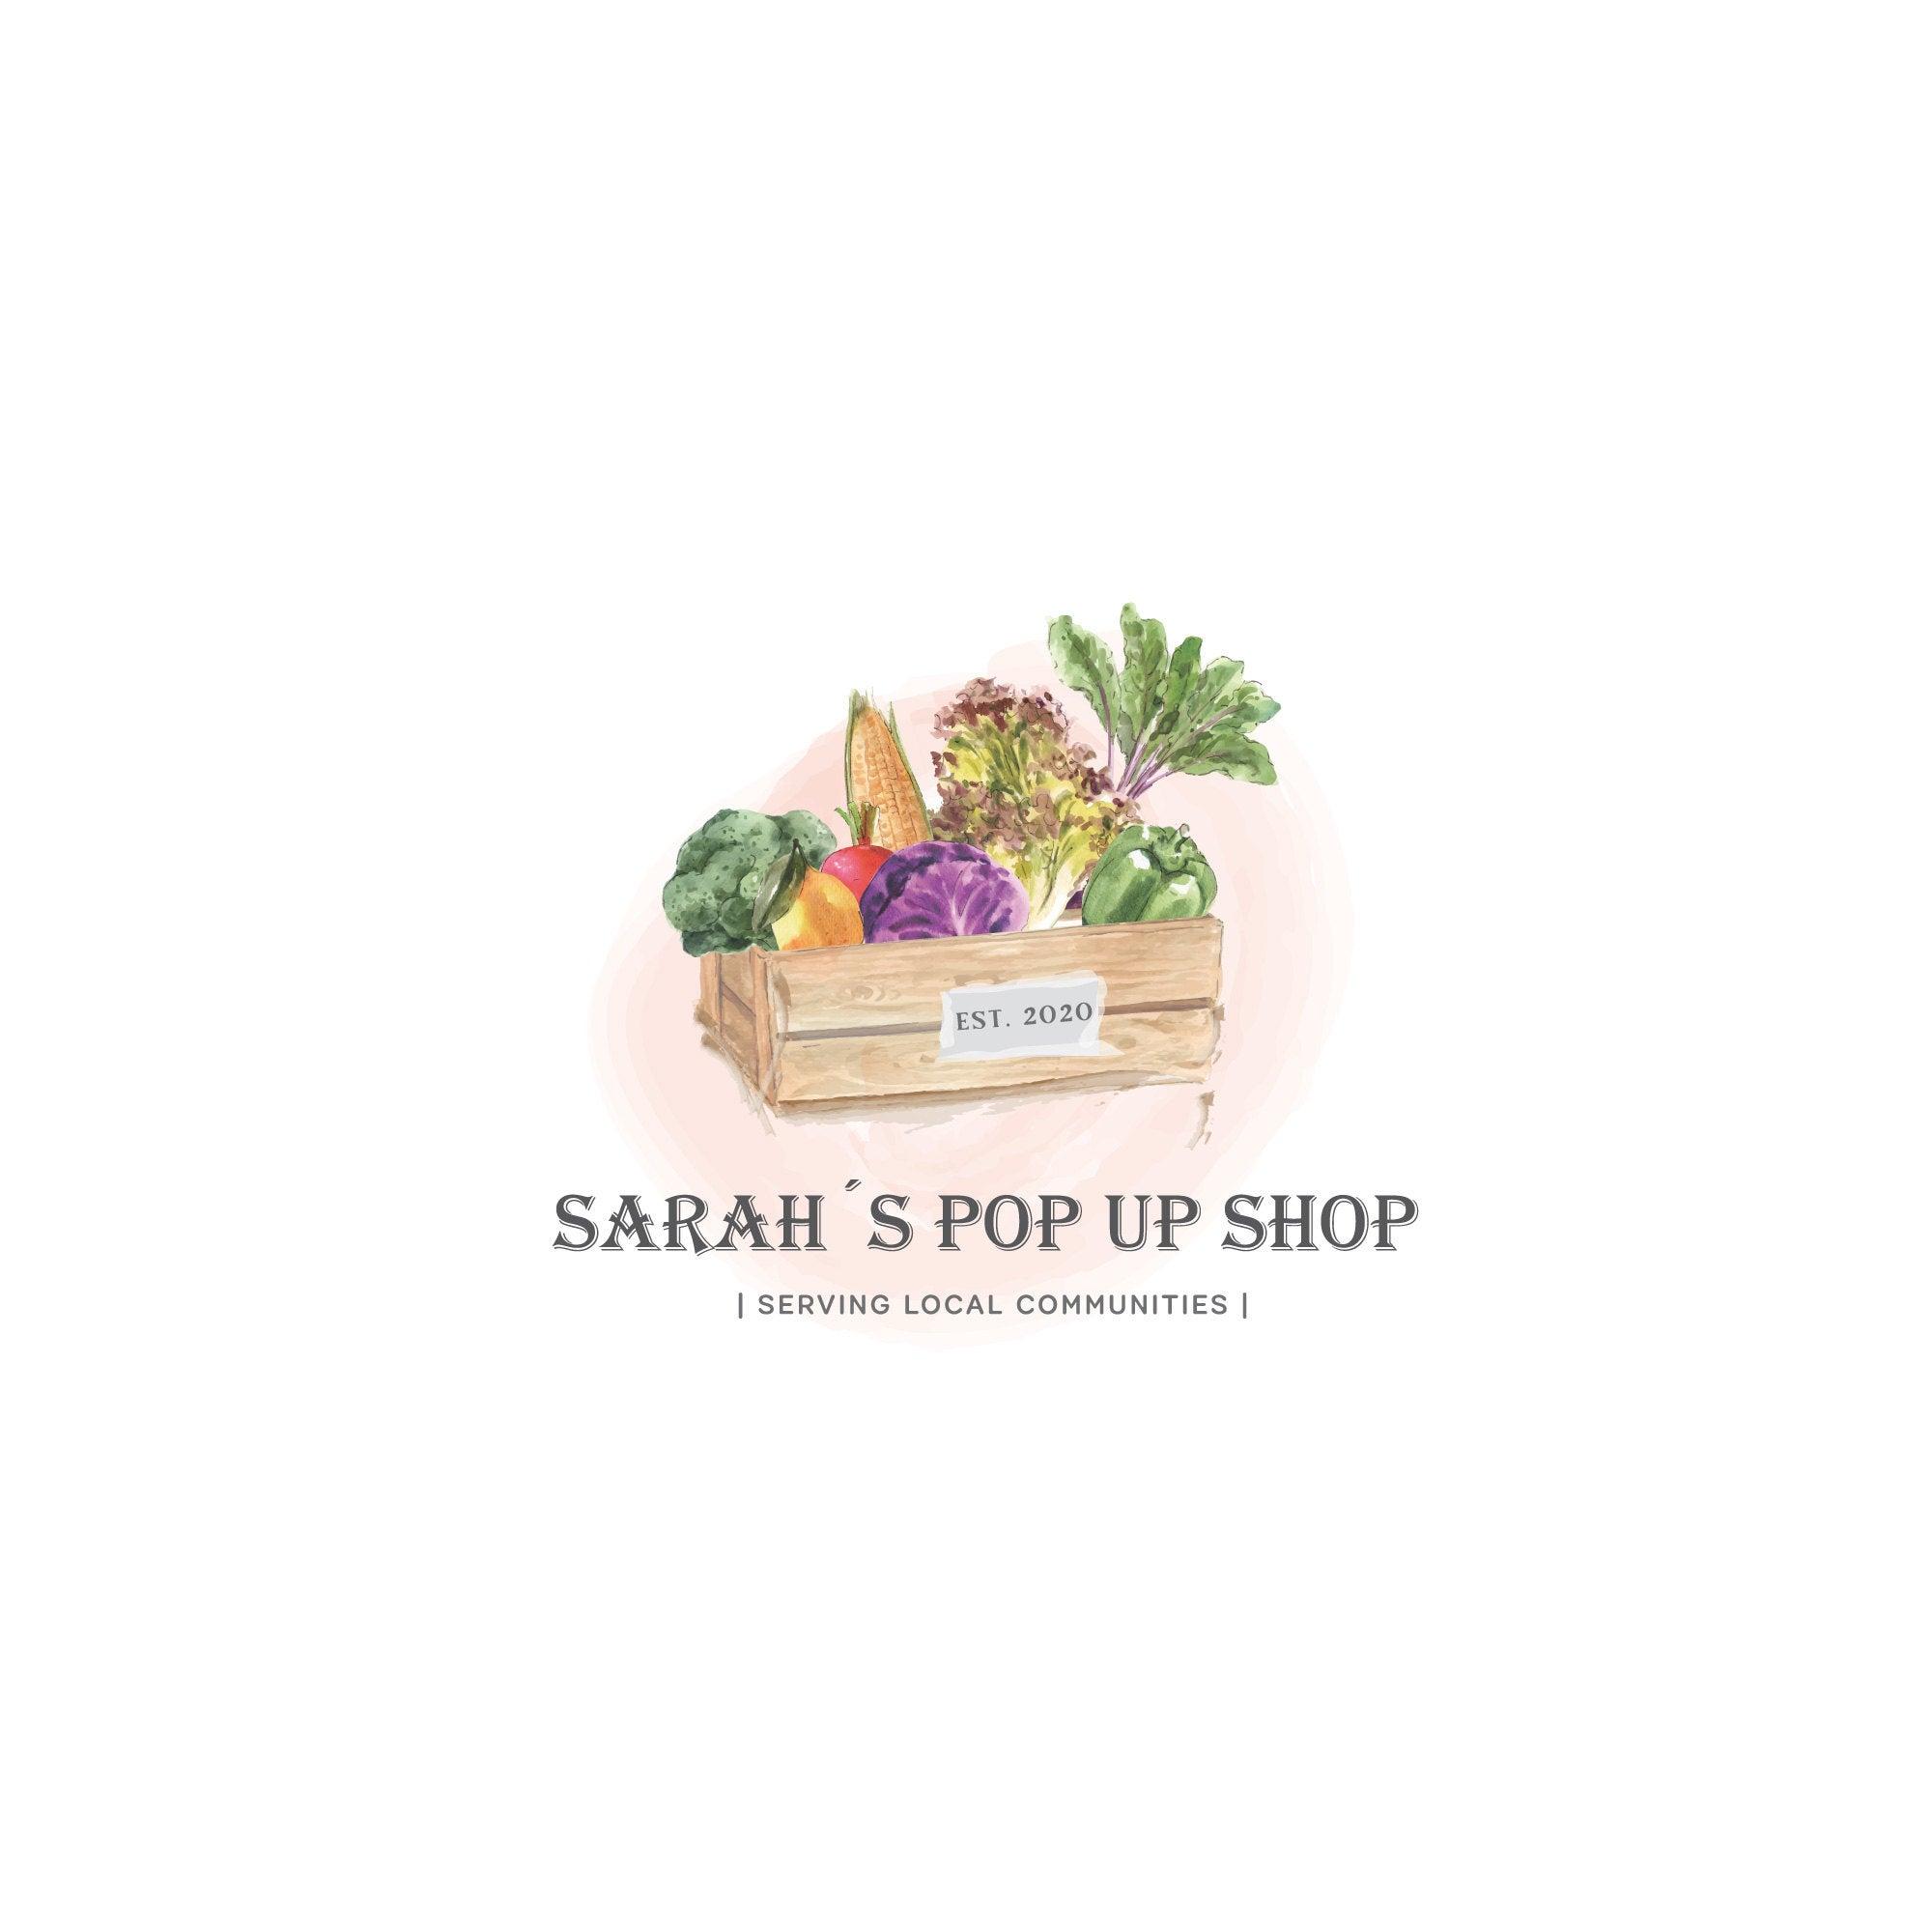 Sarah's Pop Up Shop